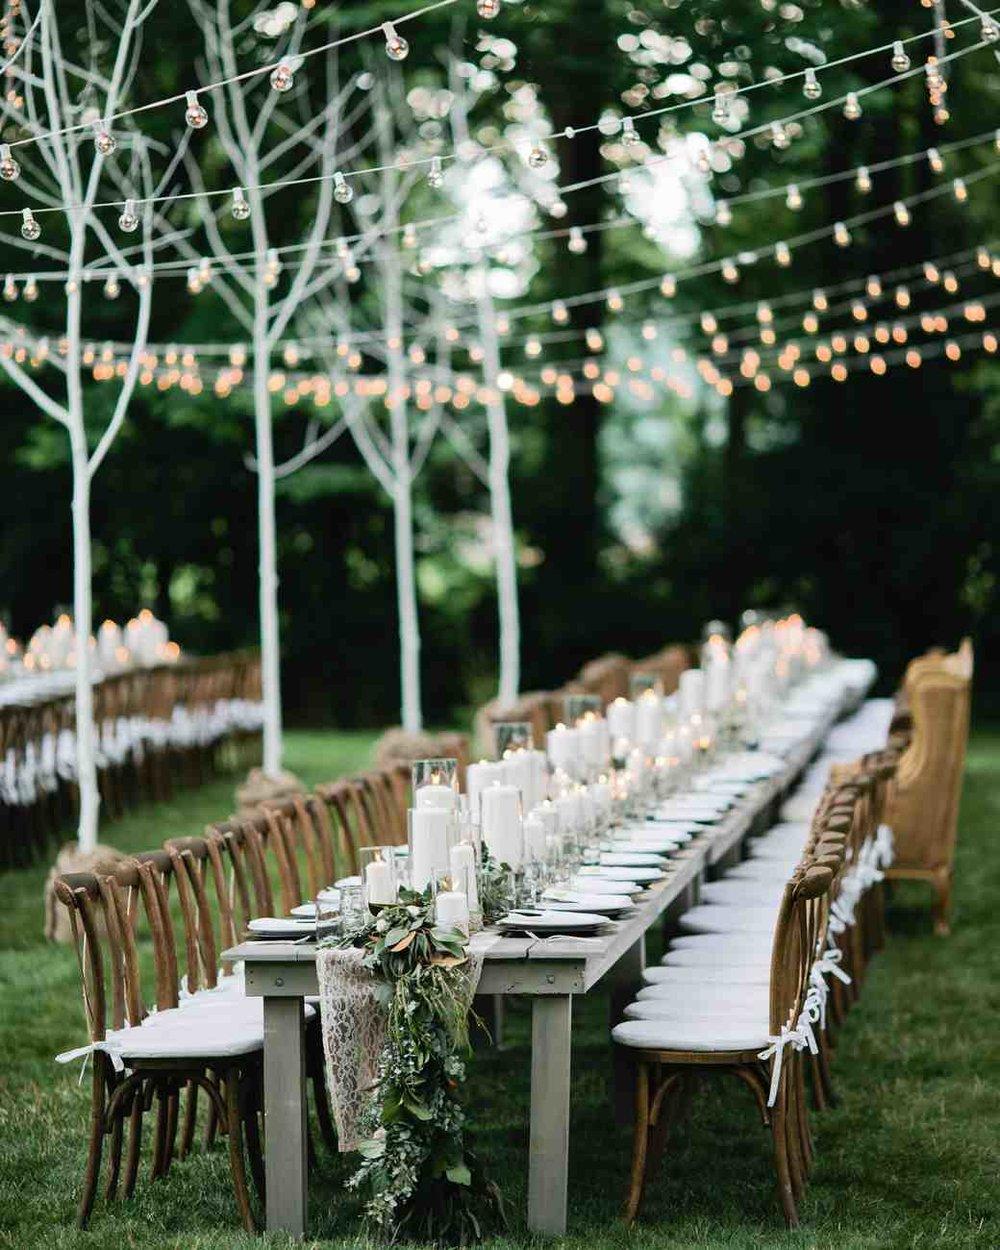 memree-rich-wedding-table-trees-twinkle-670-6257086-0217_vert.jpg